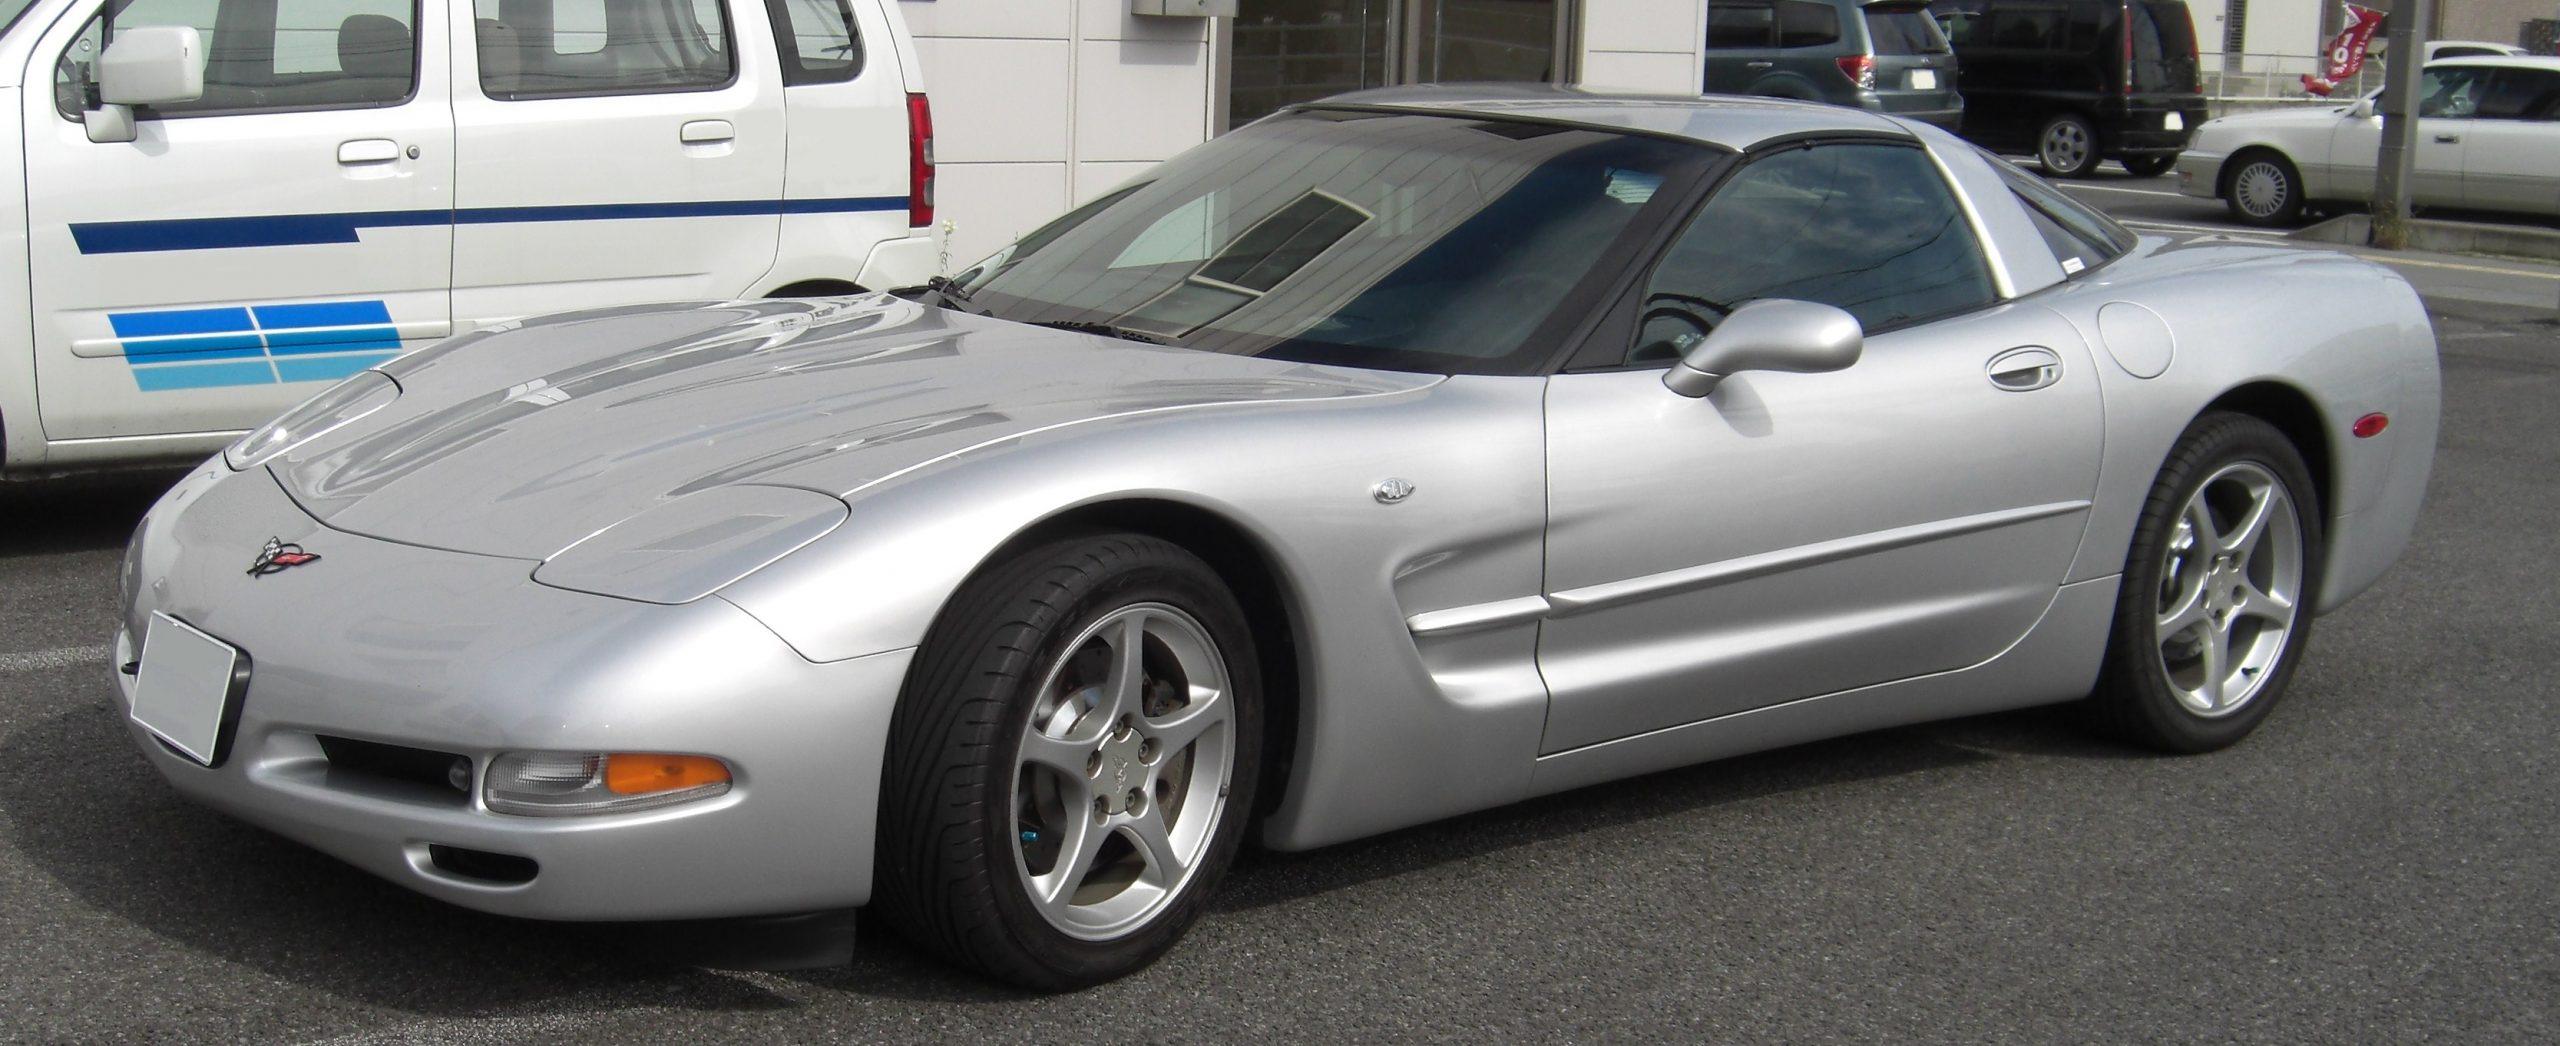 best tires for c5 corvette